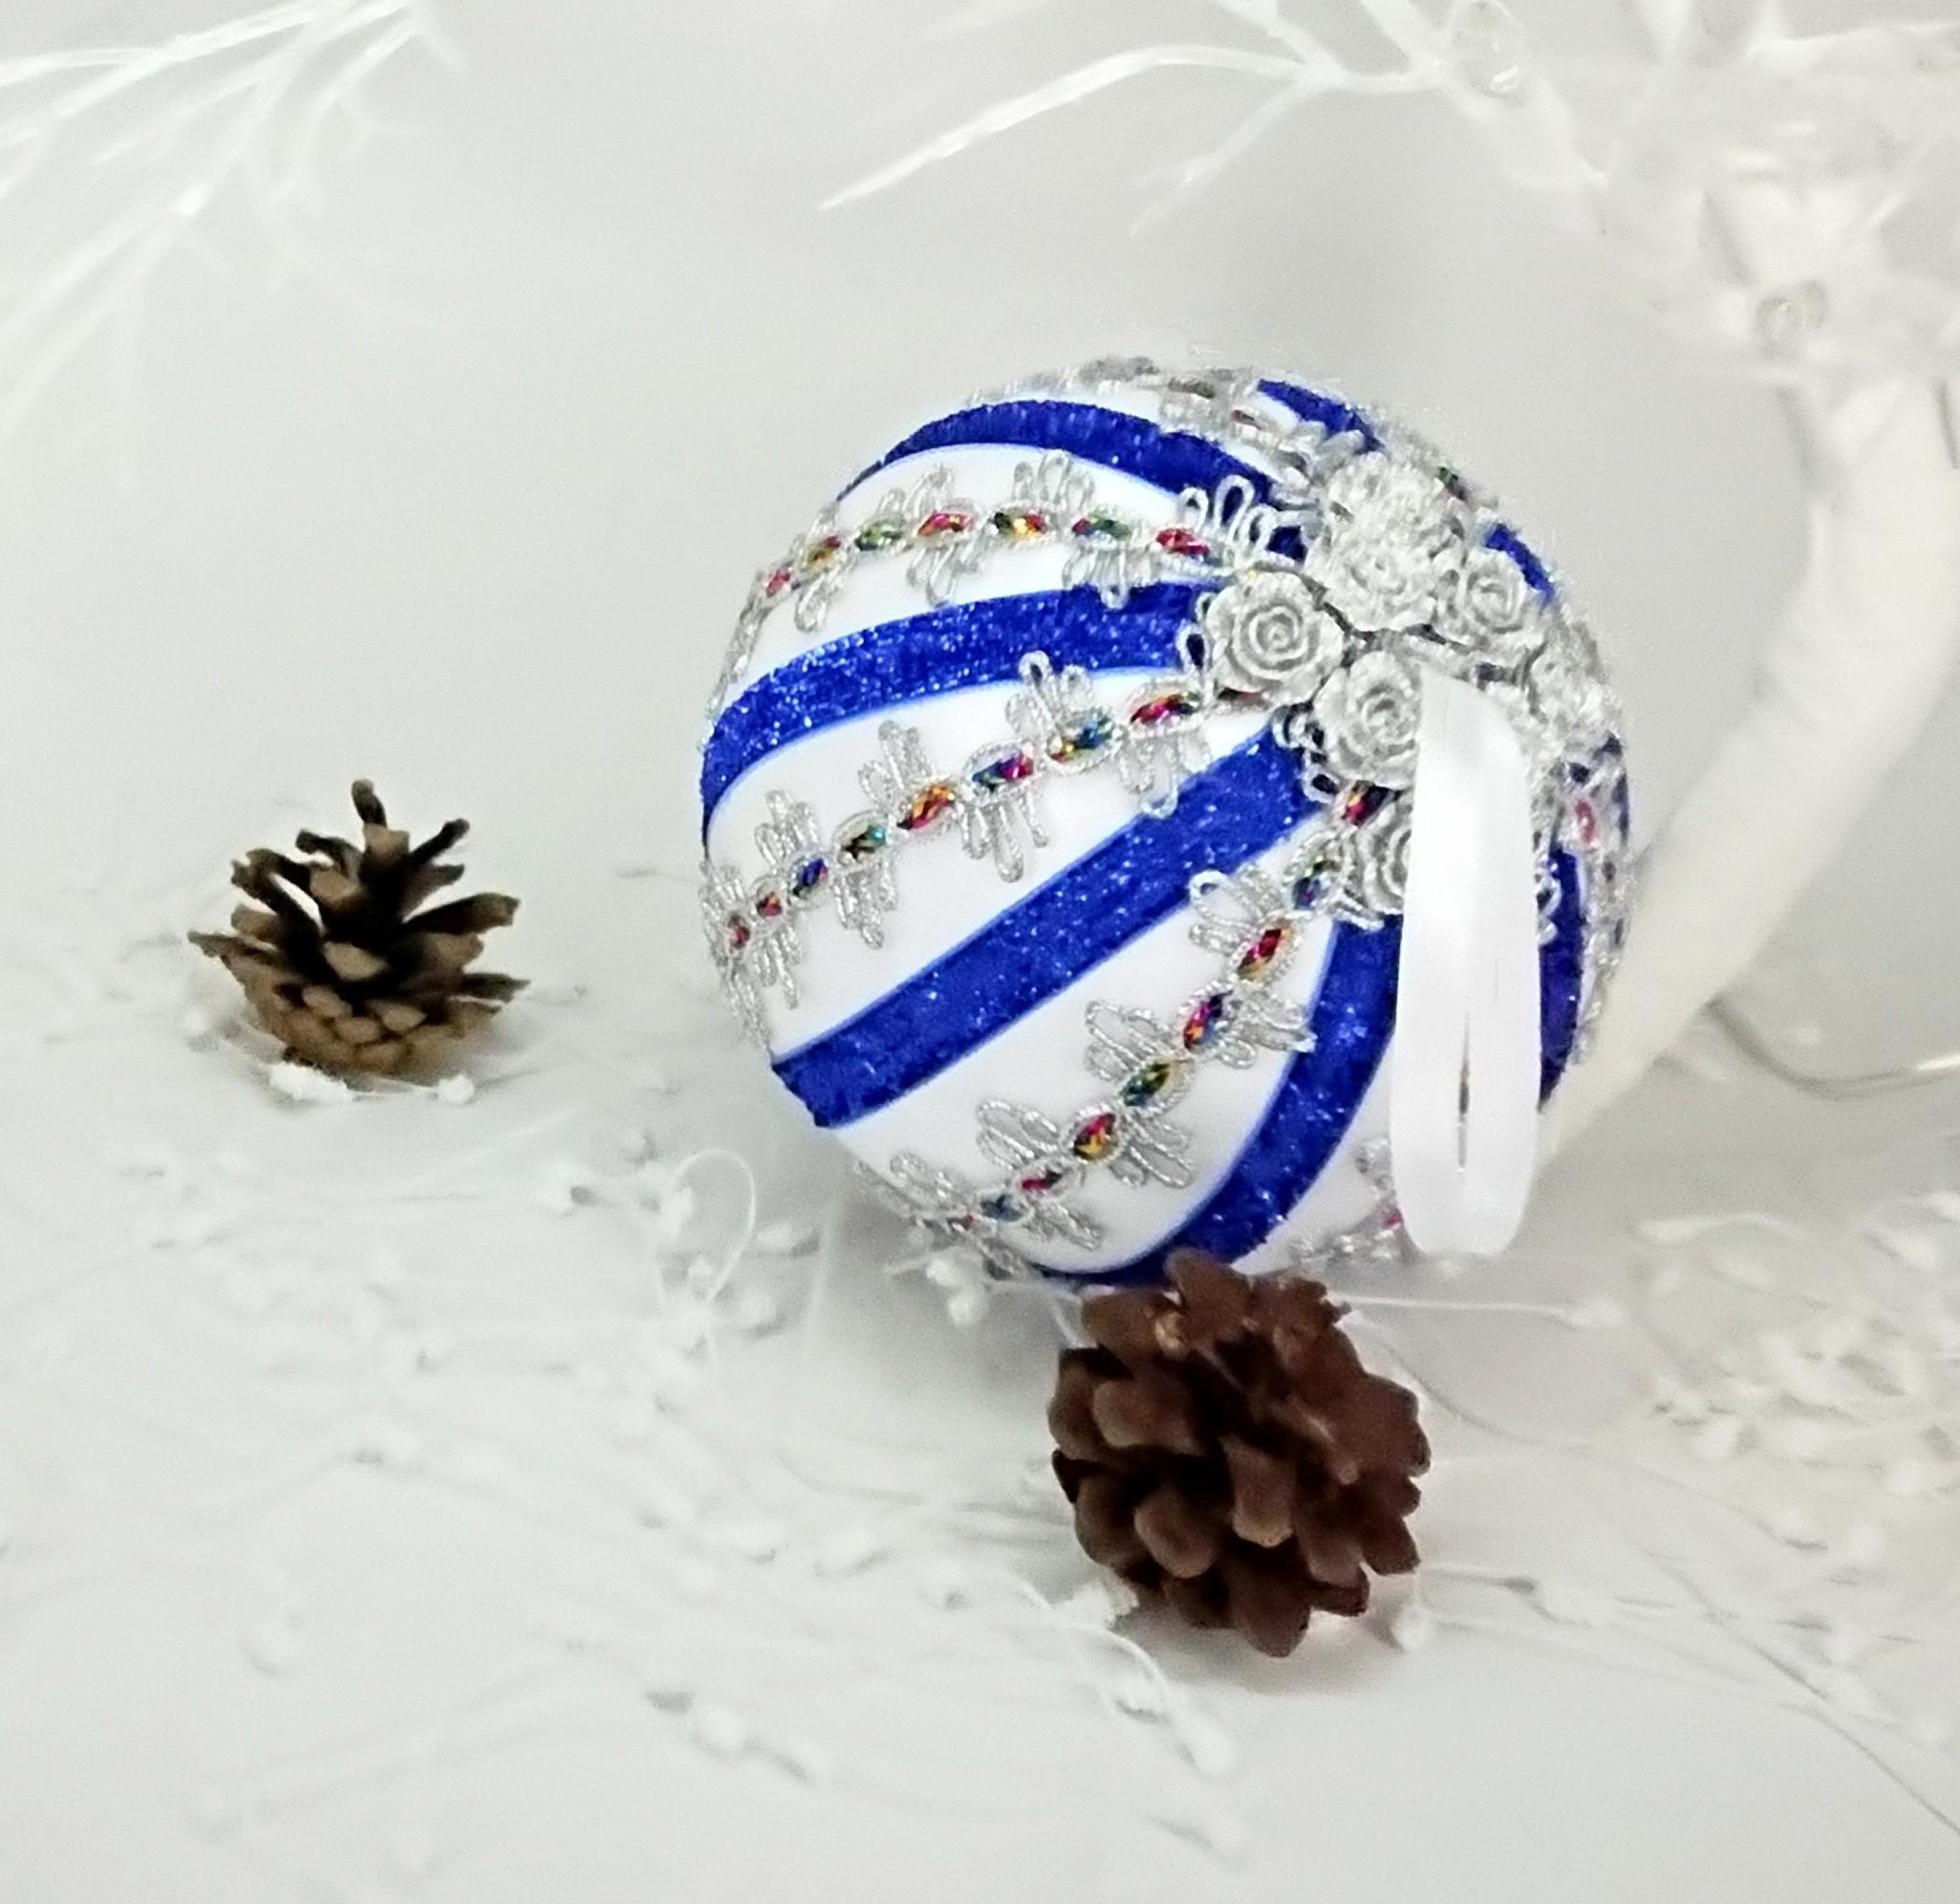 Les détails sont très importants pour créer une décoration d'arbre de Noël unique.